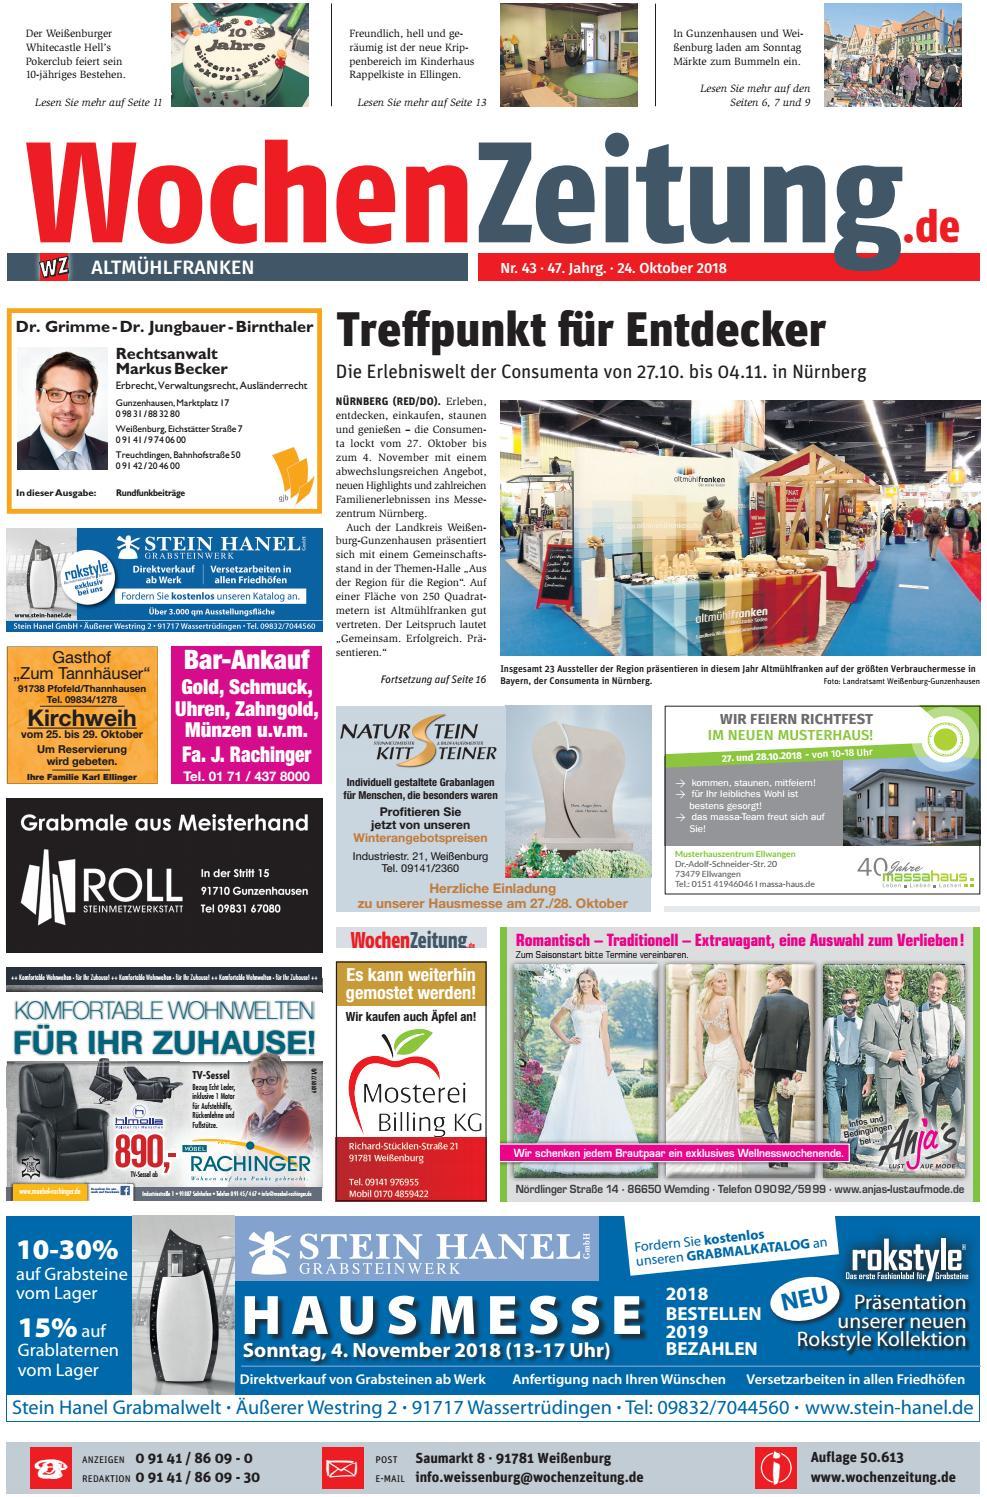 Wochenzeitung Altmuhlfranken Kw 43 18